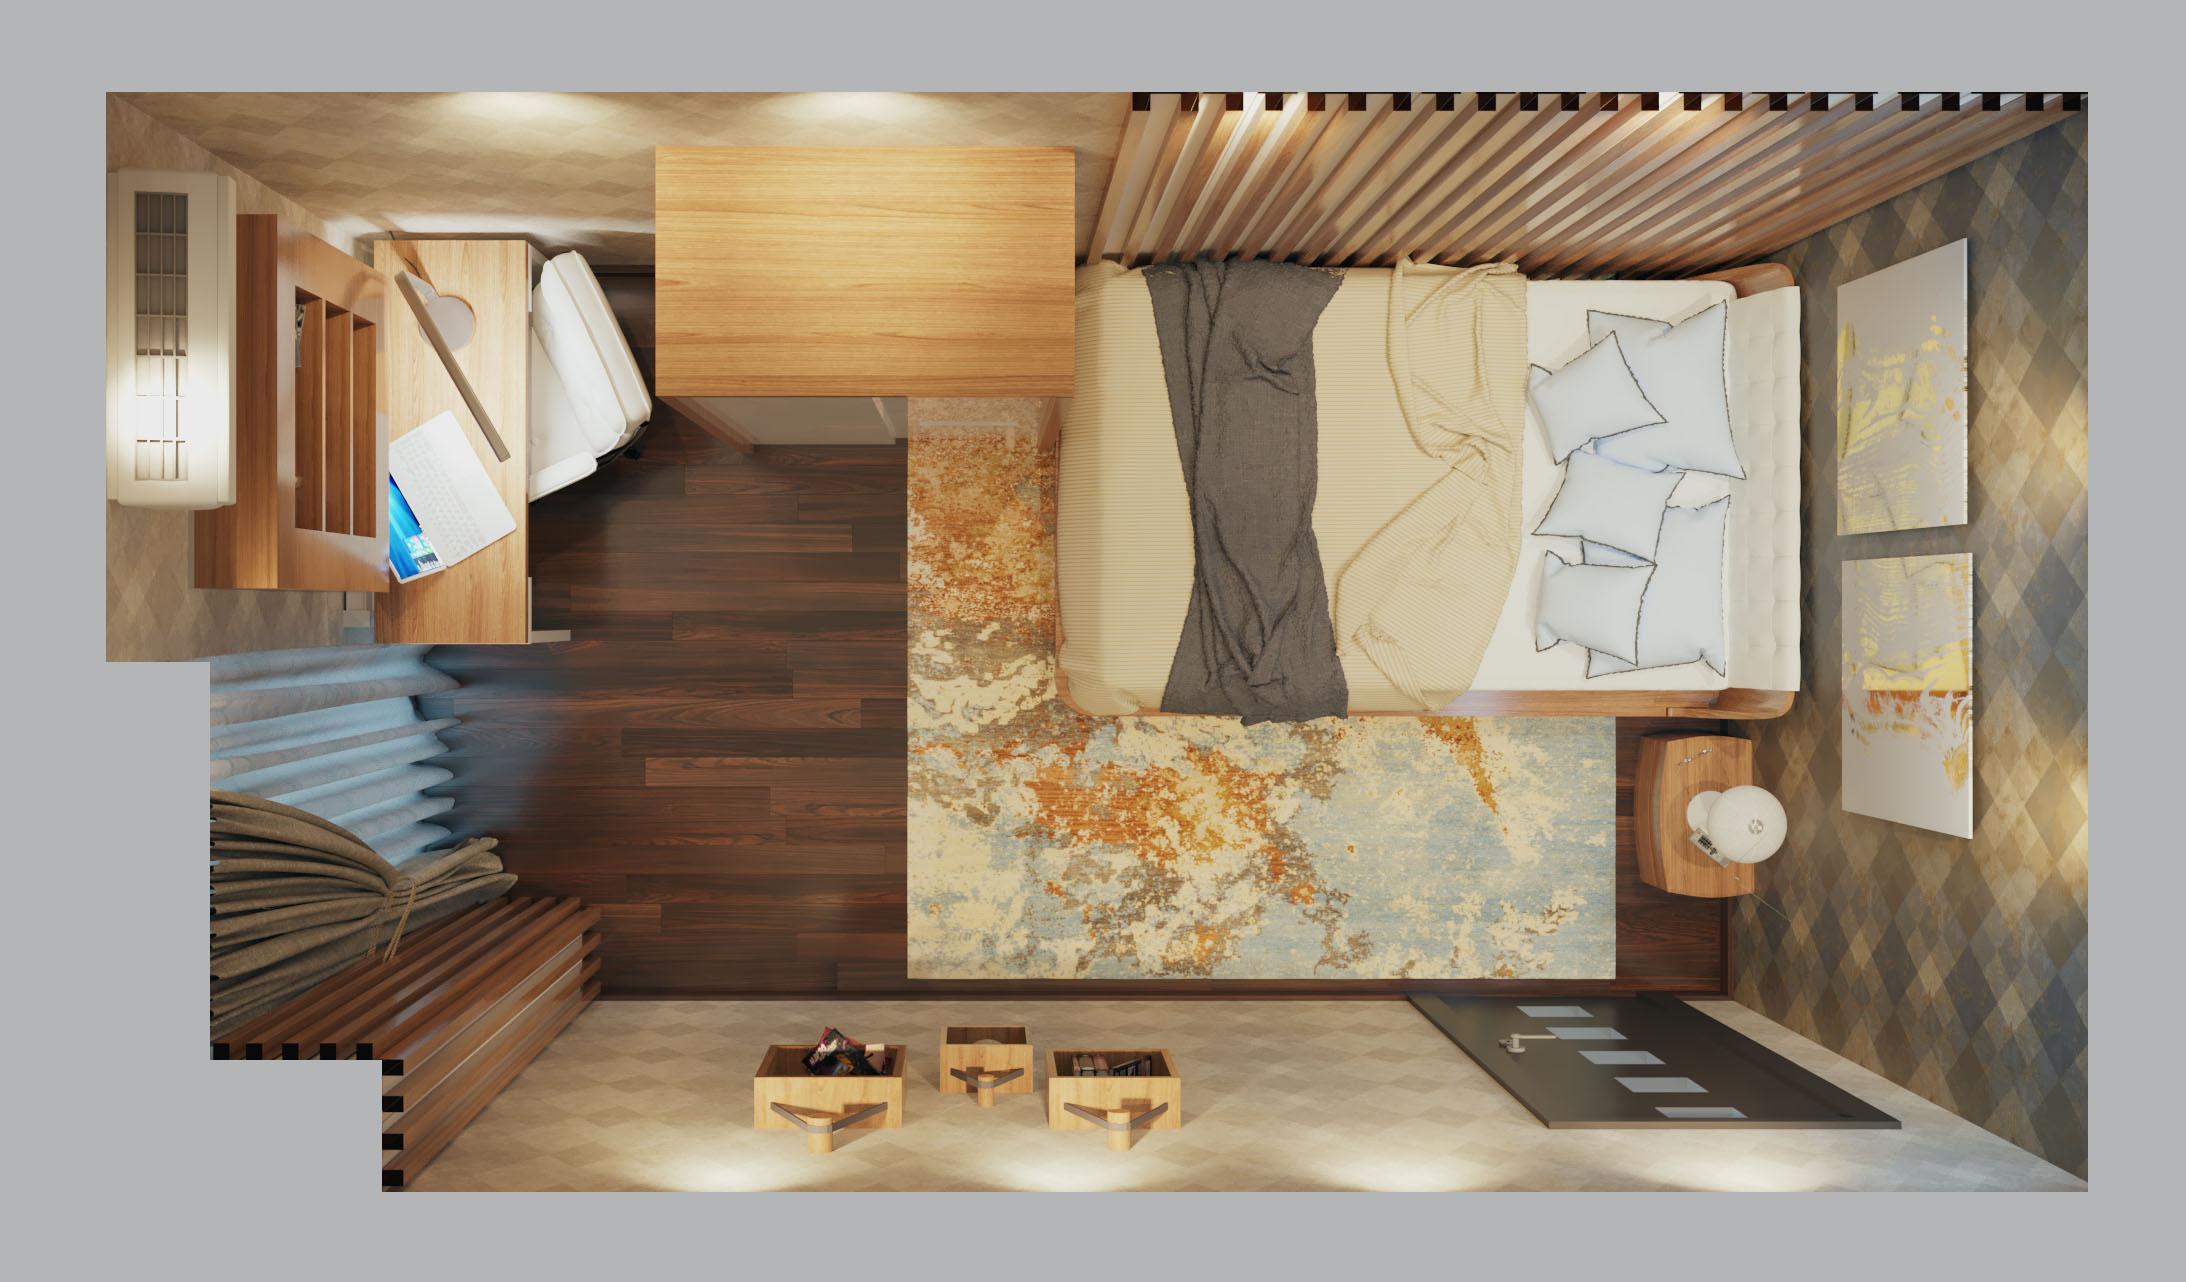 Фото 3D план спальной комнаты.  Дизайн интерьера маленькой спальни для супружеской пары.